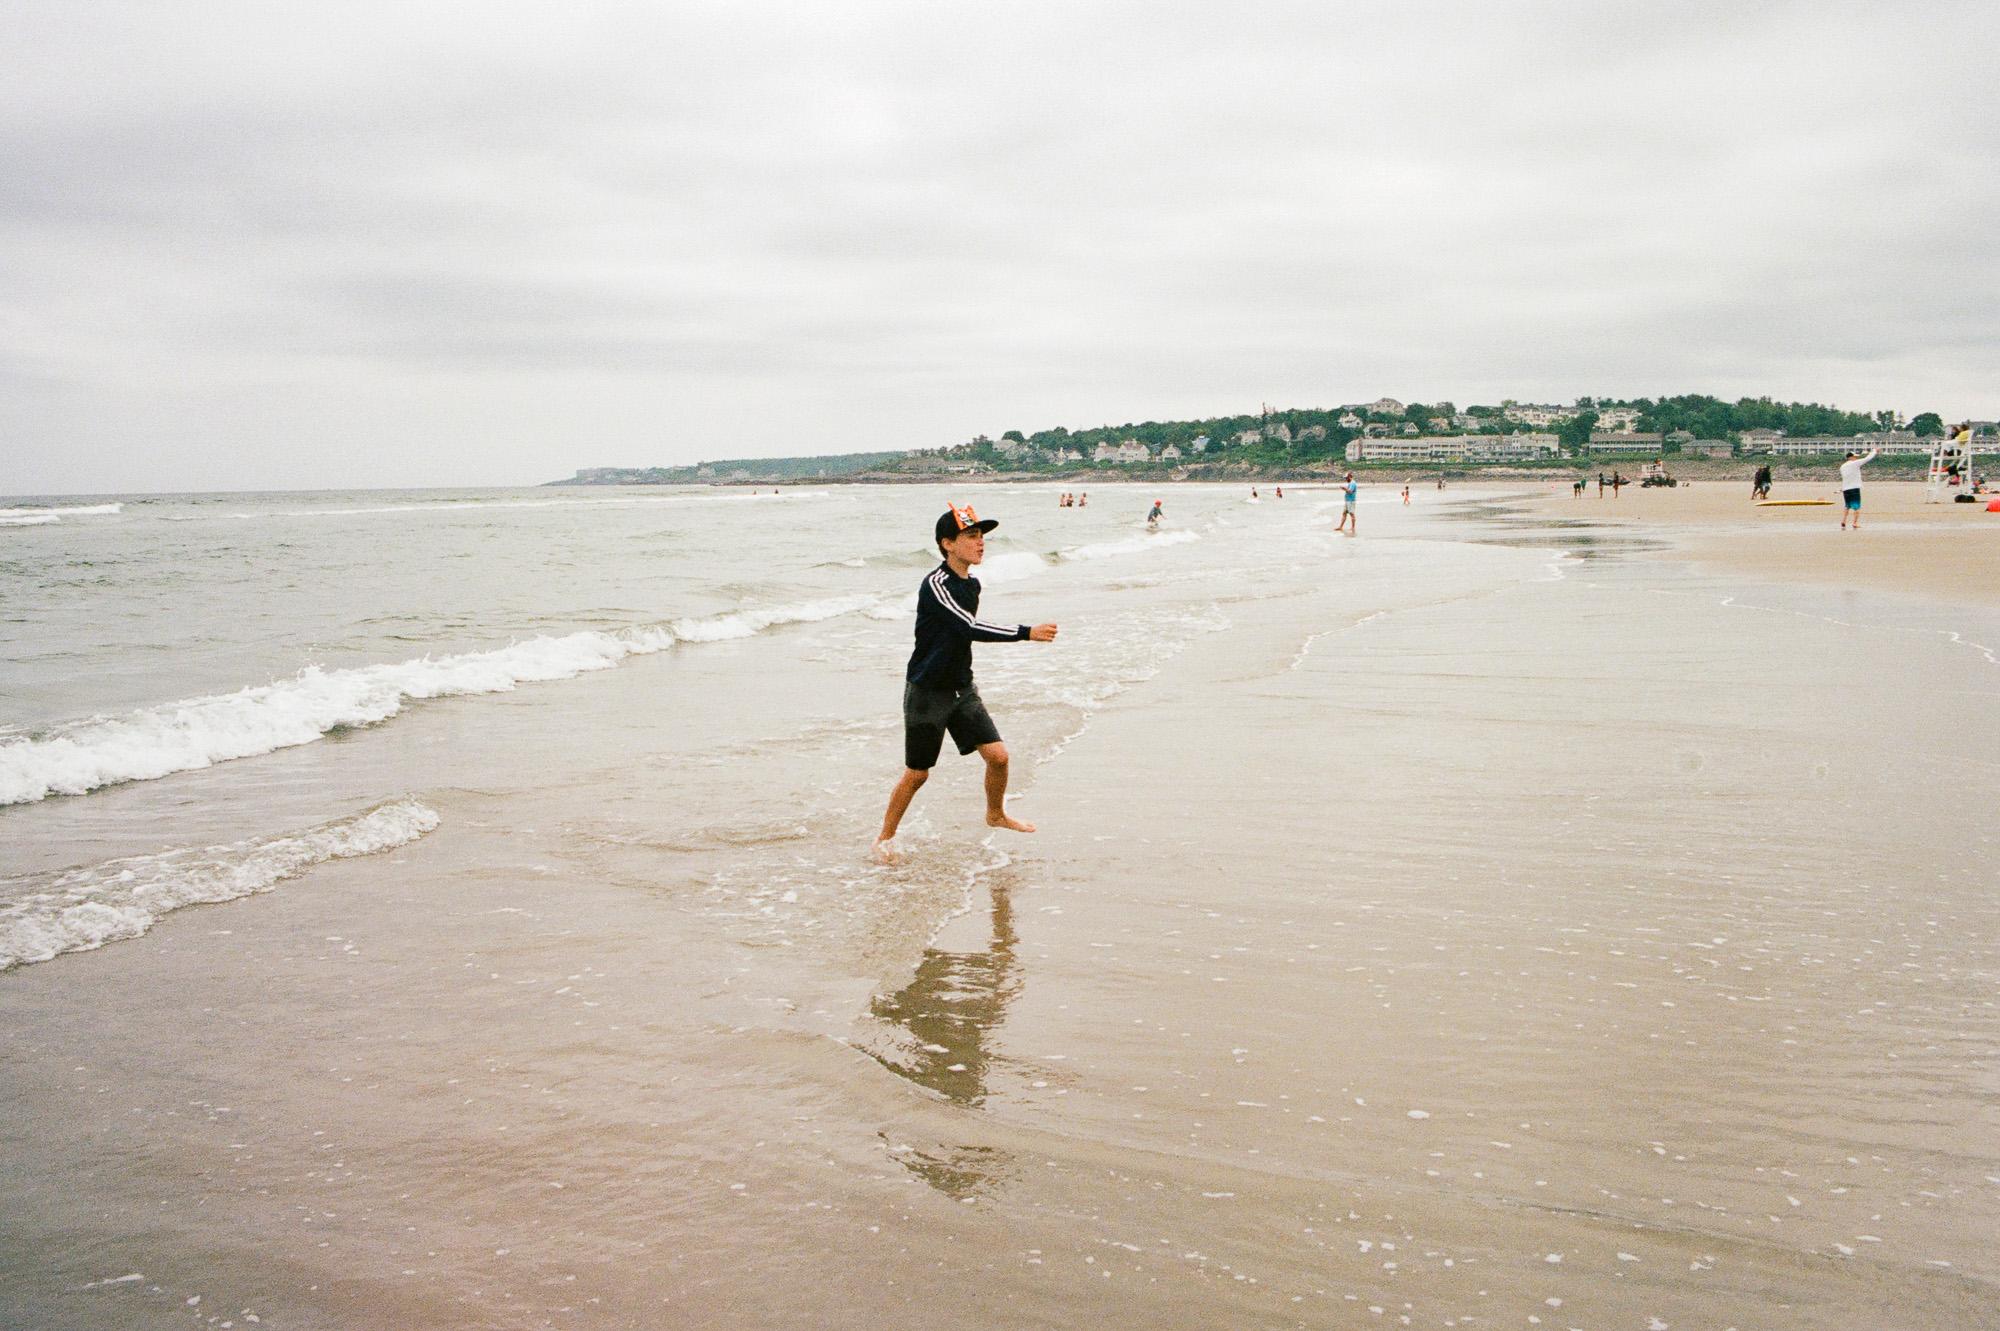 montreal-fillm-family-photographer-35mm-Kodak02.jpg